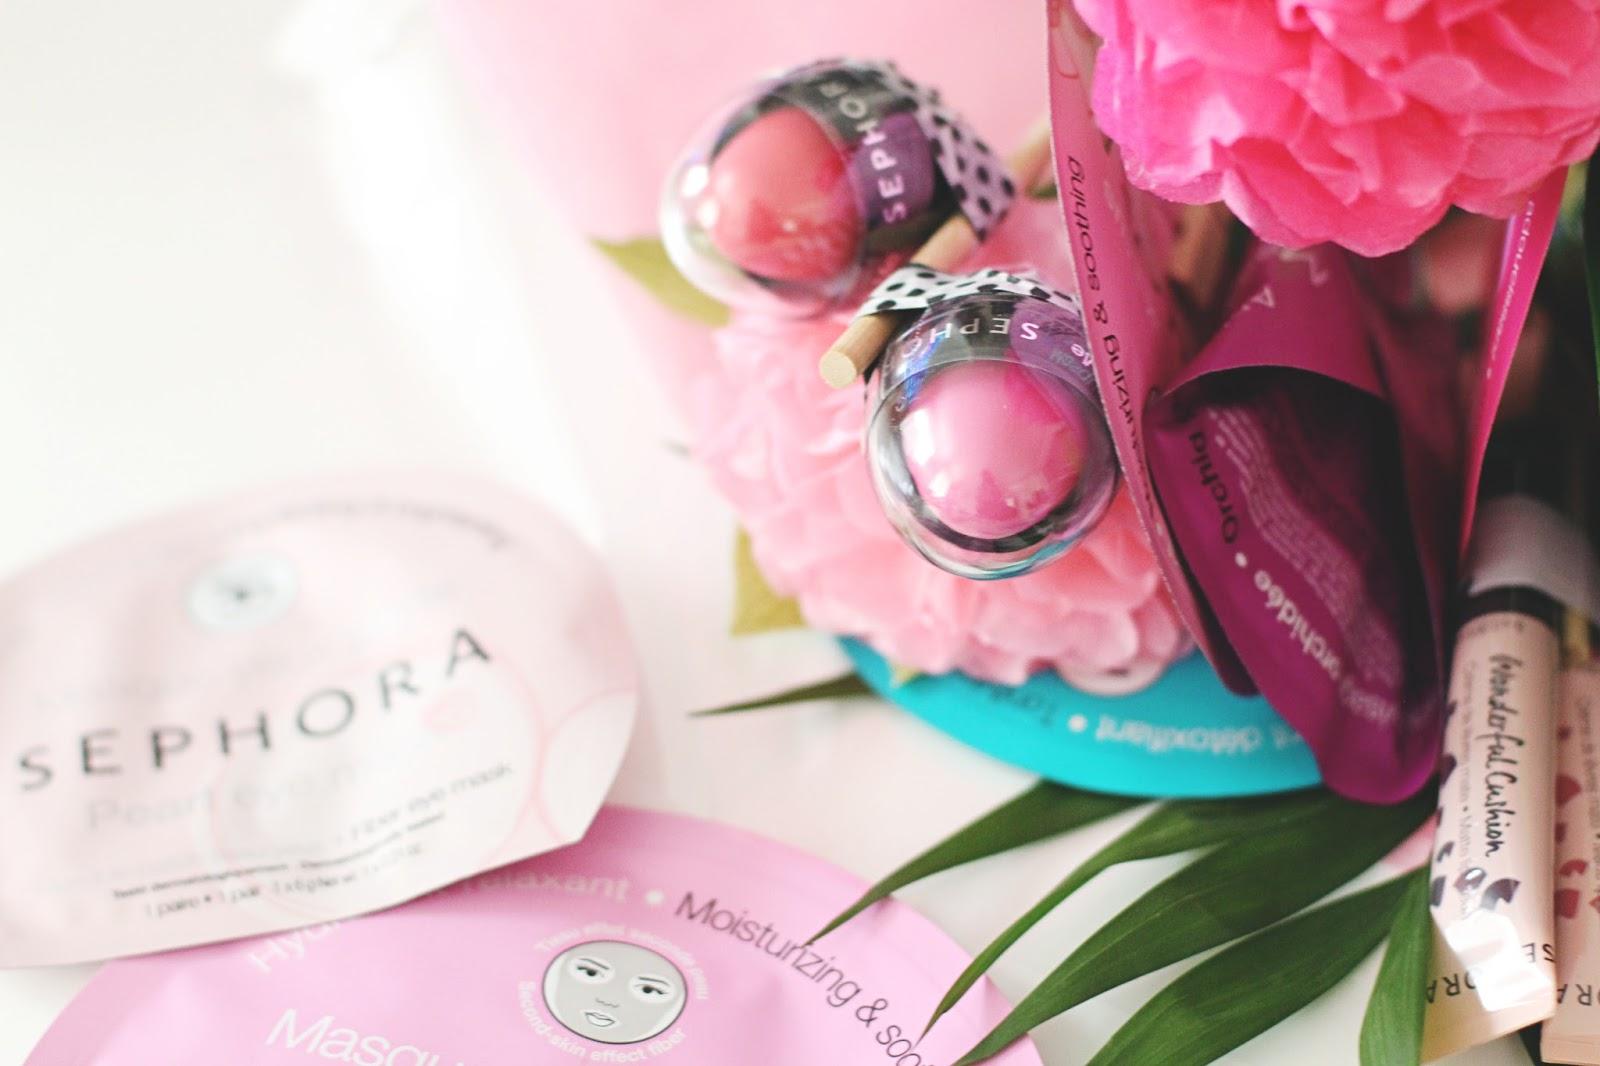 masques Sephora